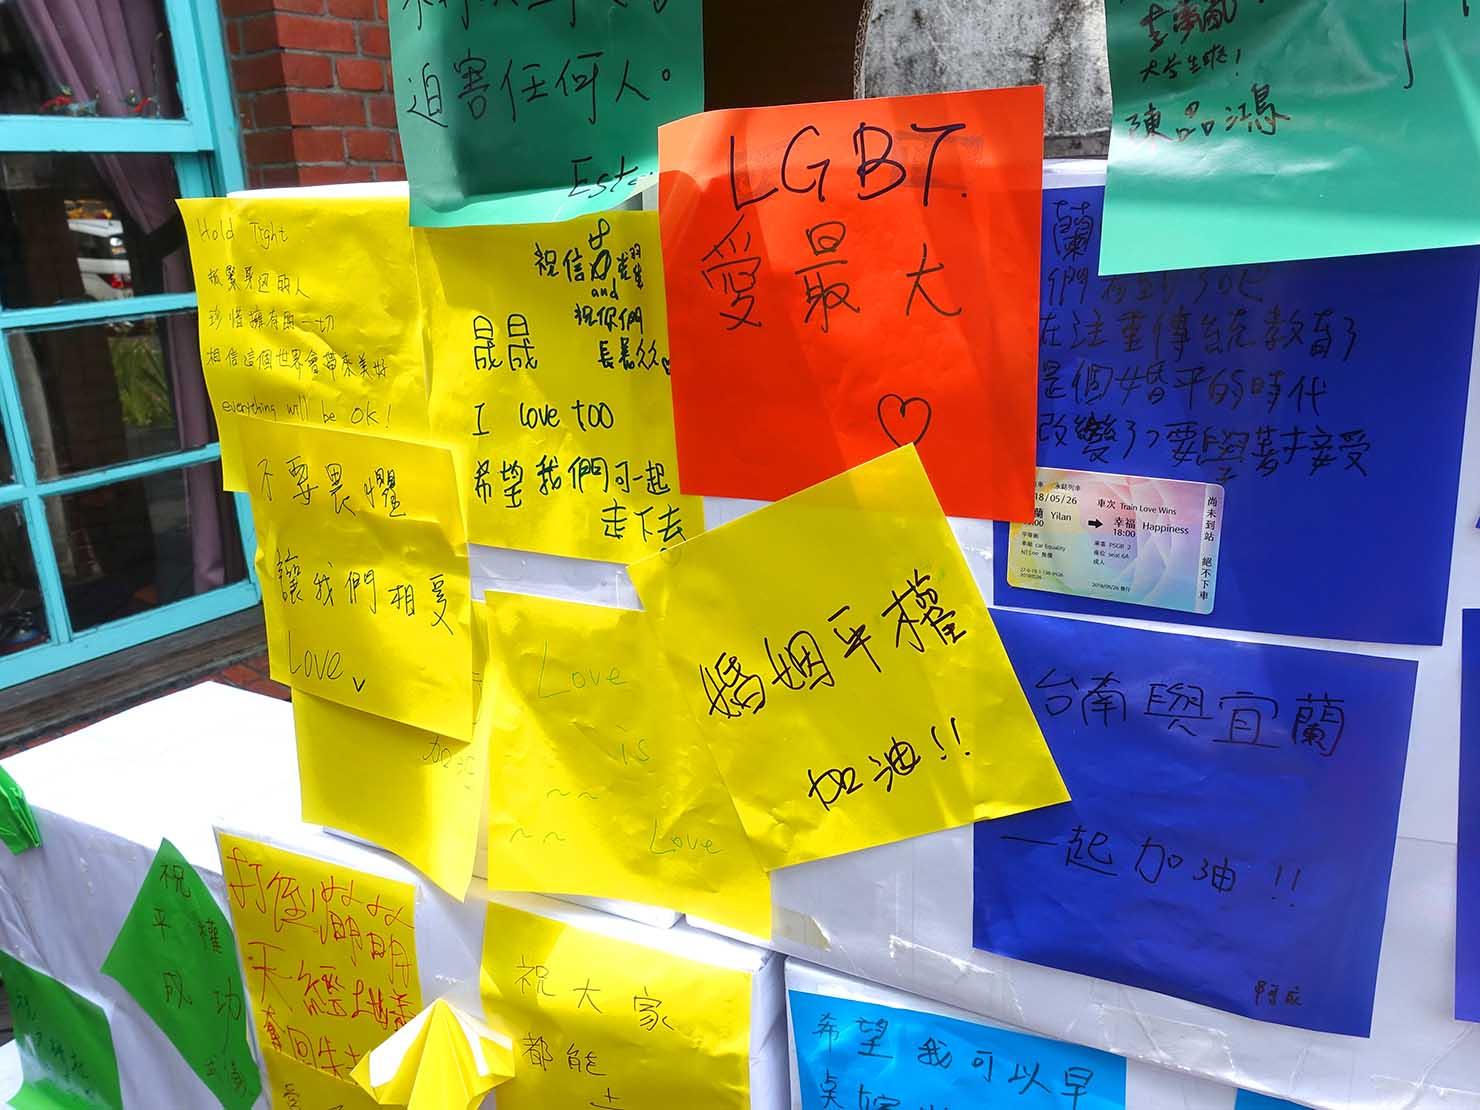 2018年台湾のLGBTプライド「宜蘭驕傲大遊行(宜蘭プライド)」会場に掲示されたメッセージ